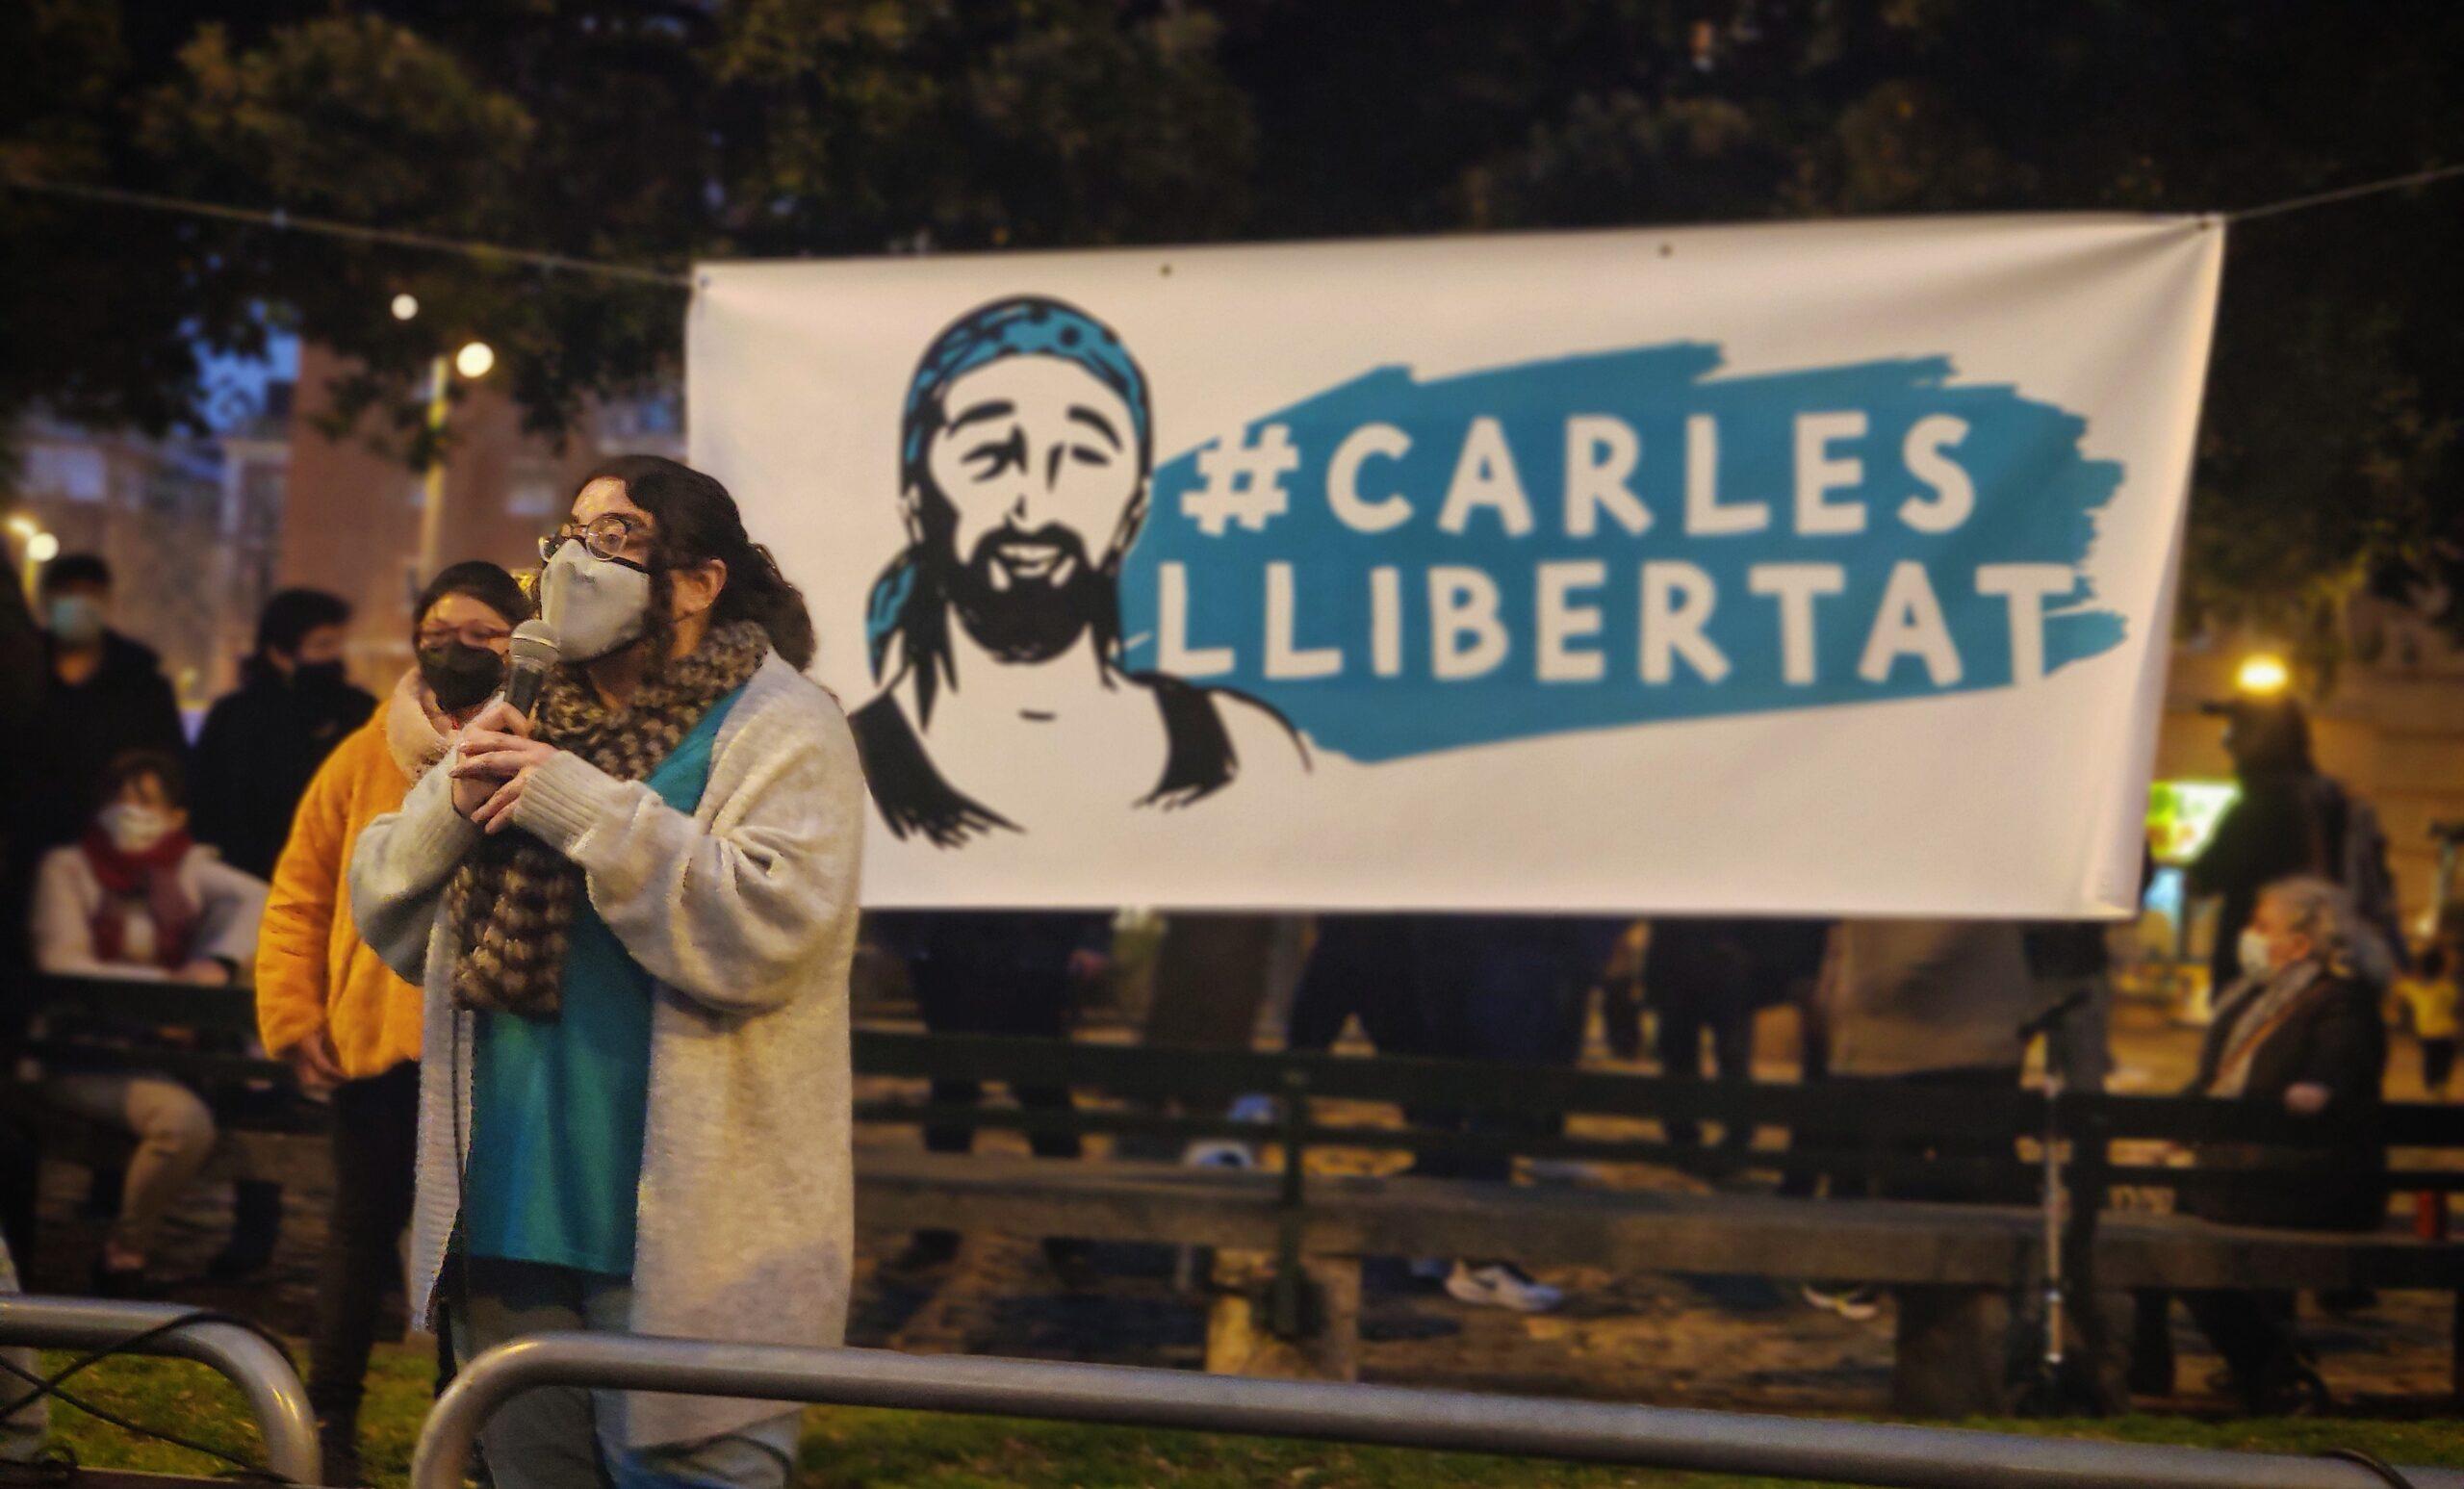 Concentració a Sants en solidaritat amb el restaurador empresonat als aldarulls / David Cobo